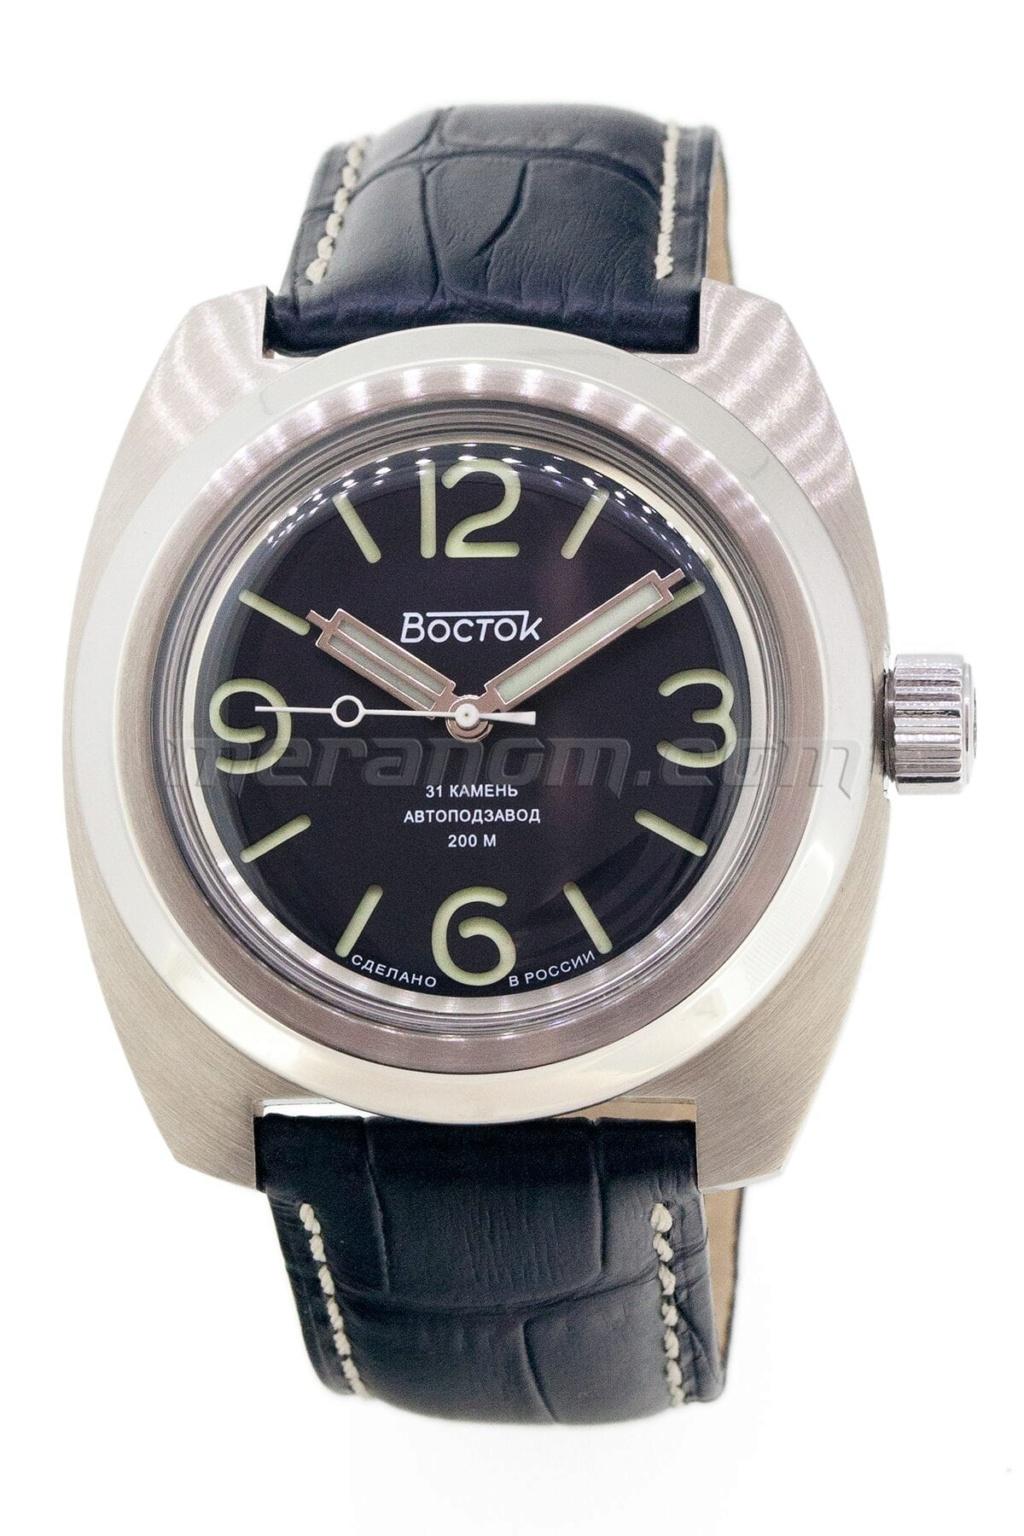 Le bistrot Vostok (pour papoter autour de la marque) - Page 22 A4b98f10